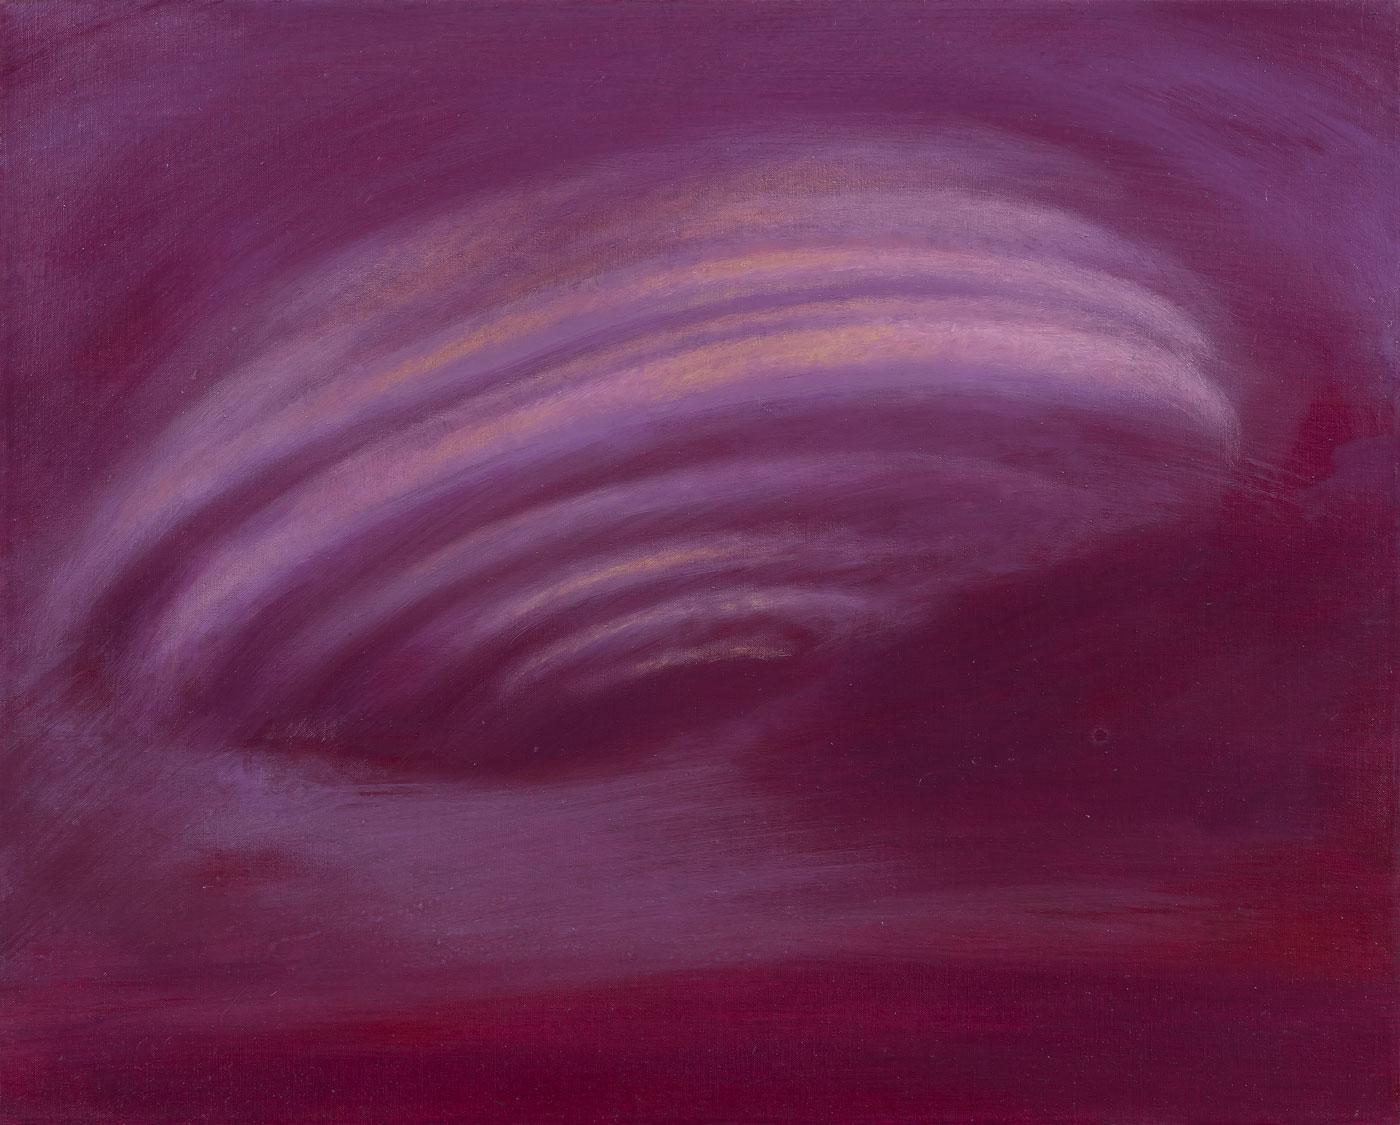 Vzducholoď, 2011, olej na plátně, 40x50